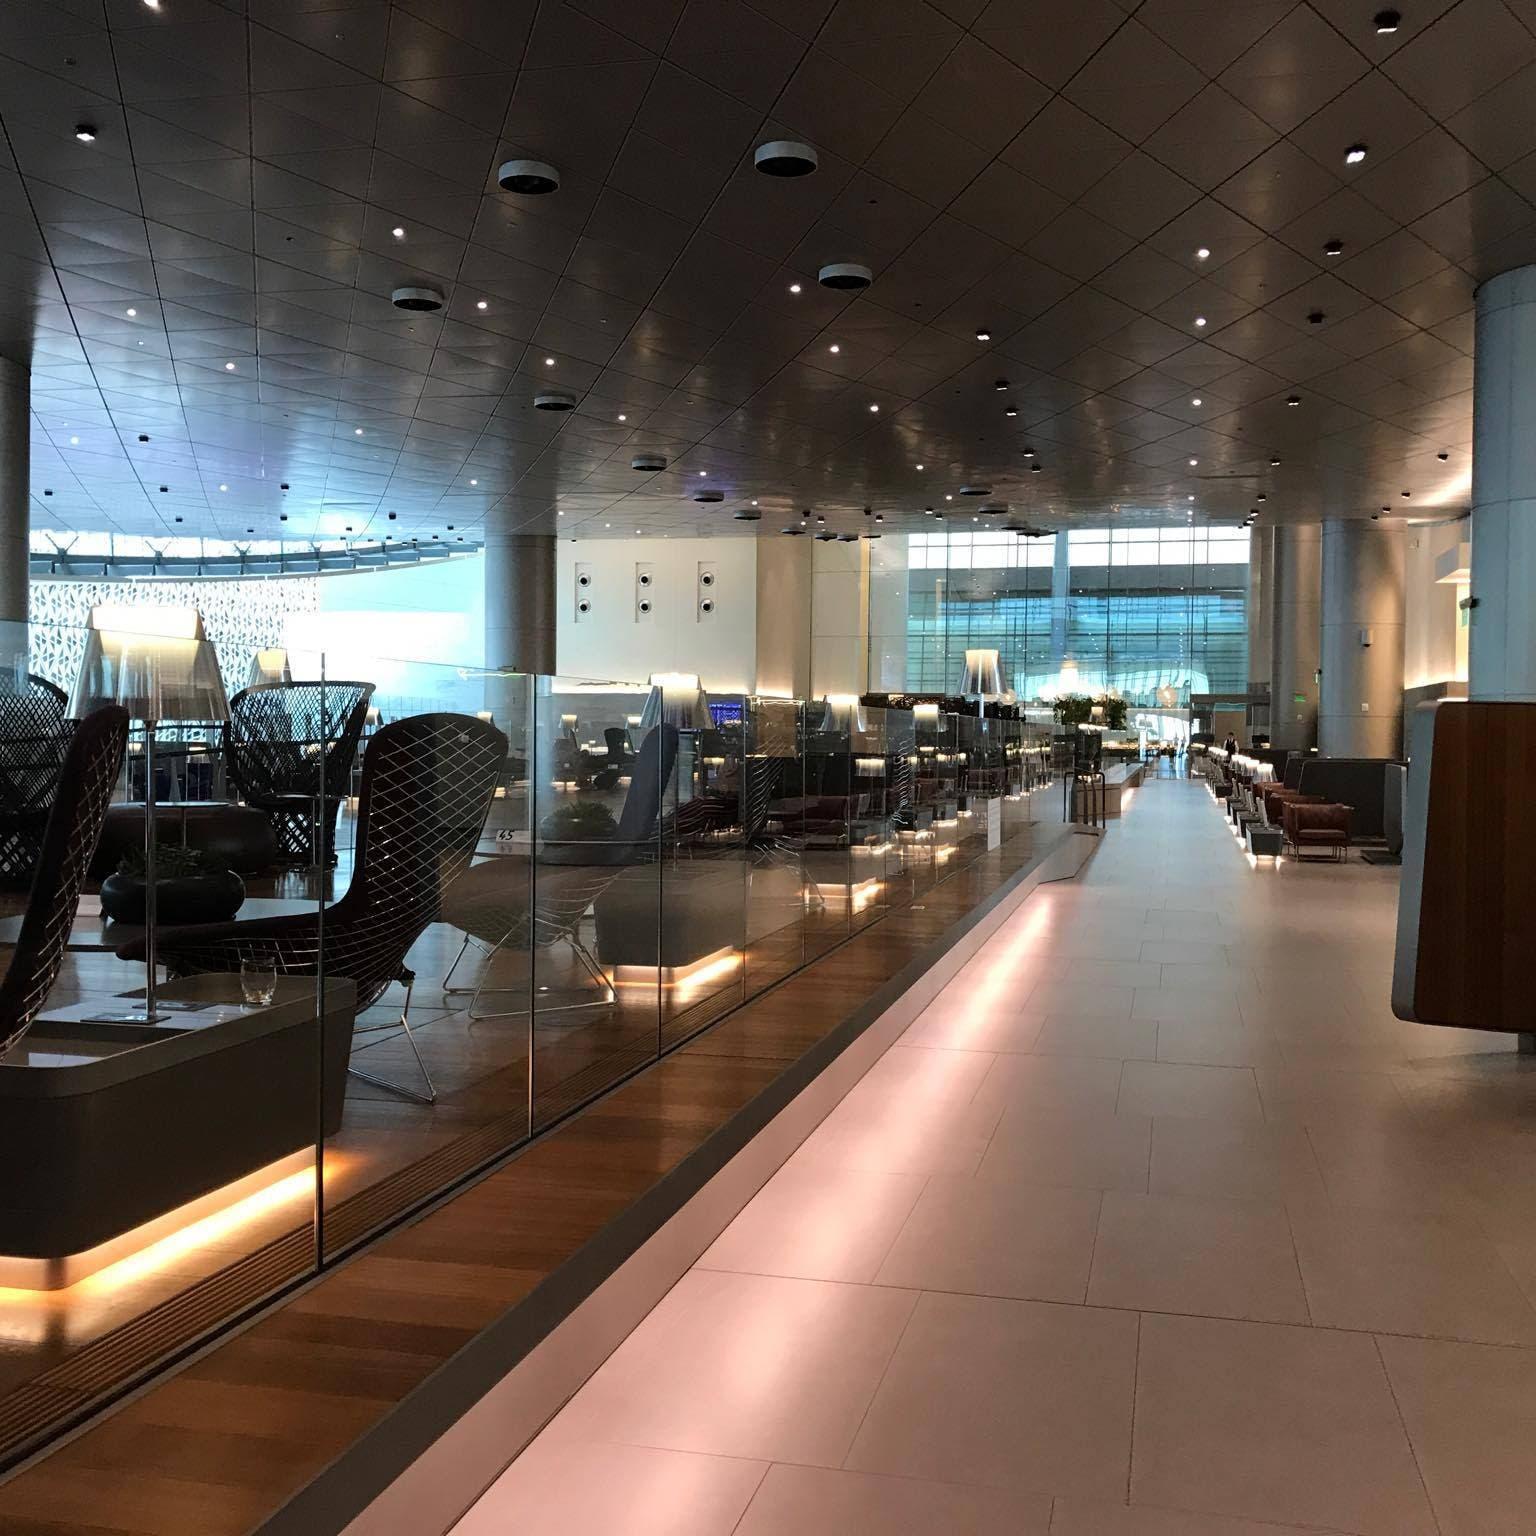 الناجية الوحيدة تروي تفاصيل ما حدث فيمطار قطر